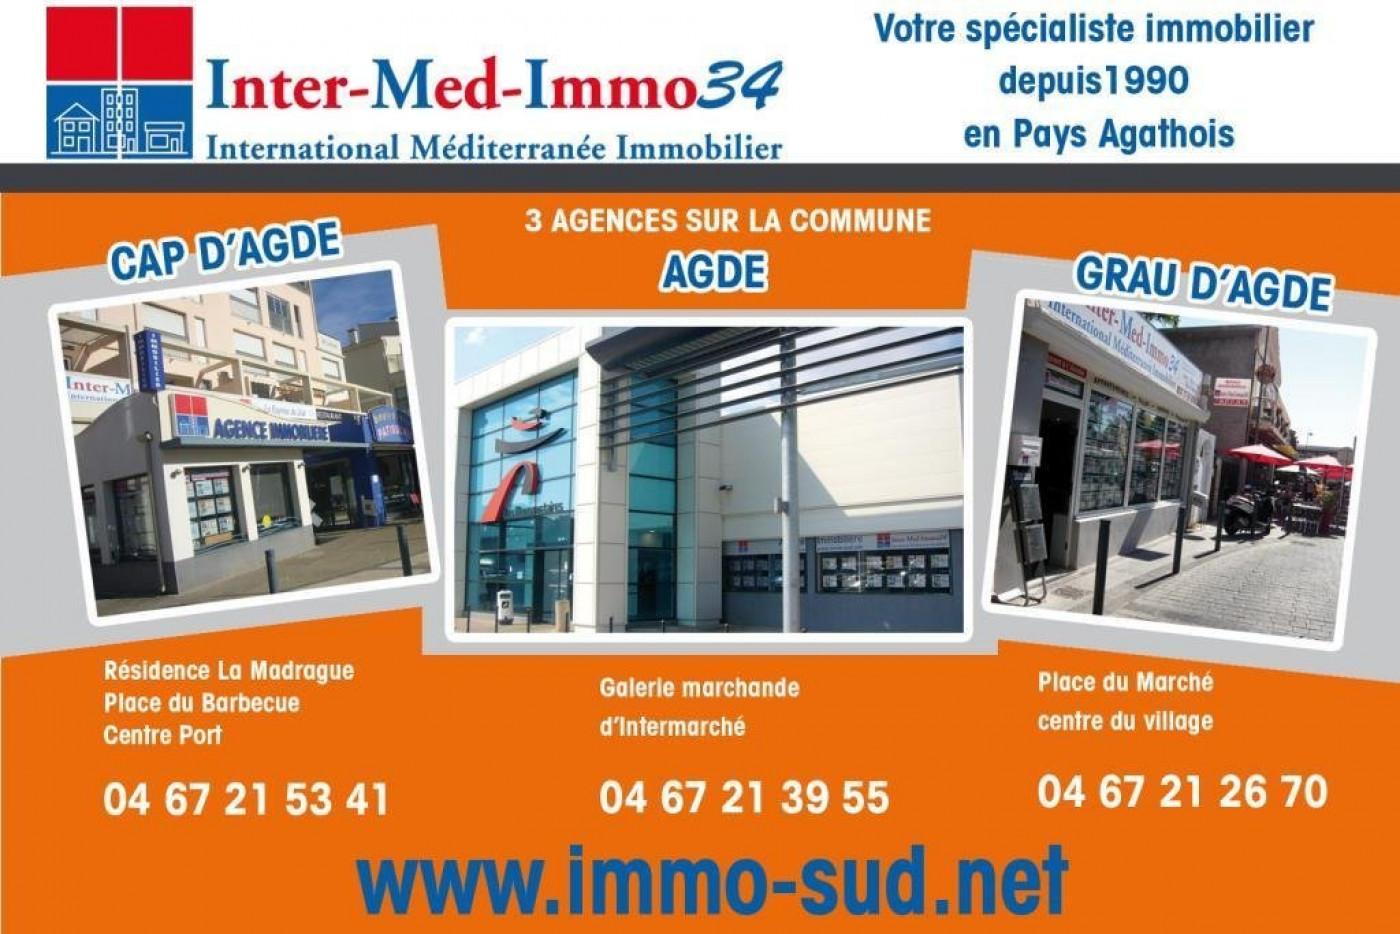 A vendre  Le Cap D'agde | Réf 3458244226 - Inter-med-immo34